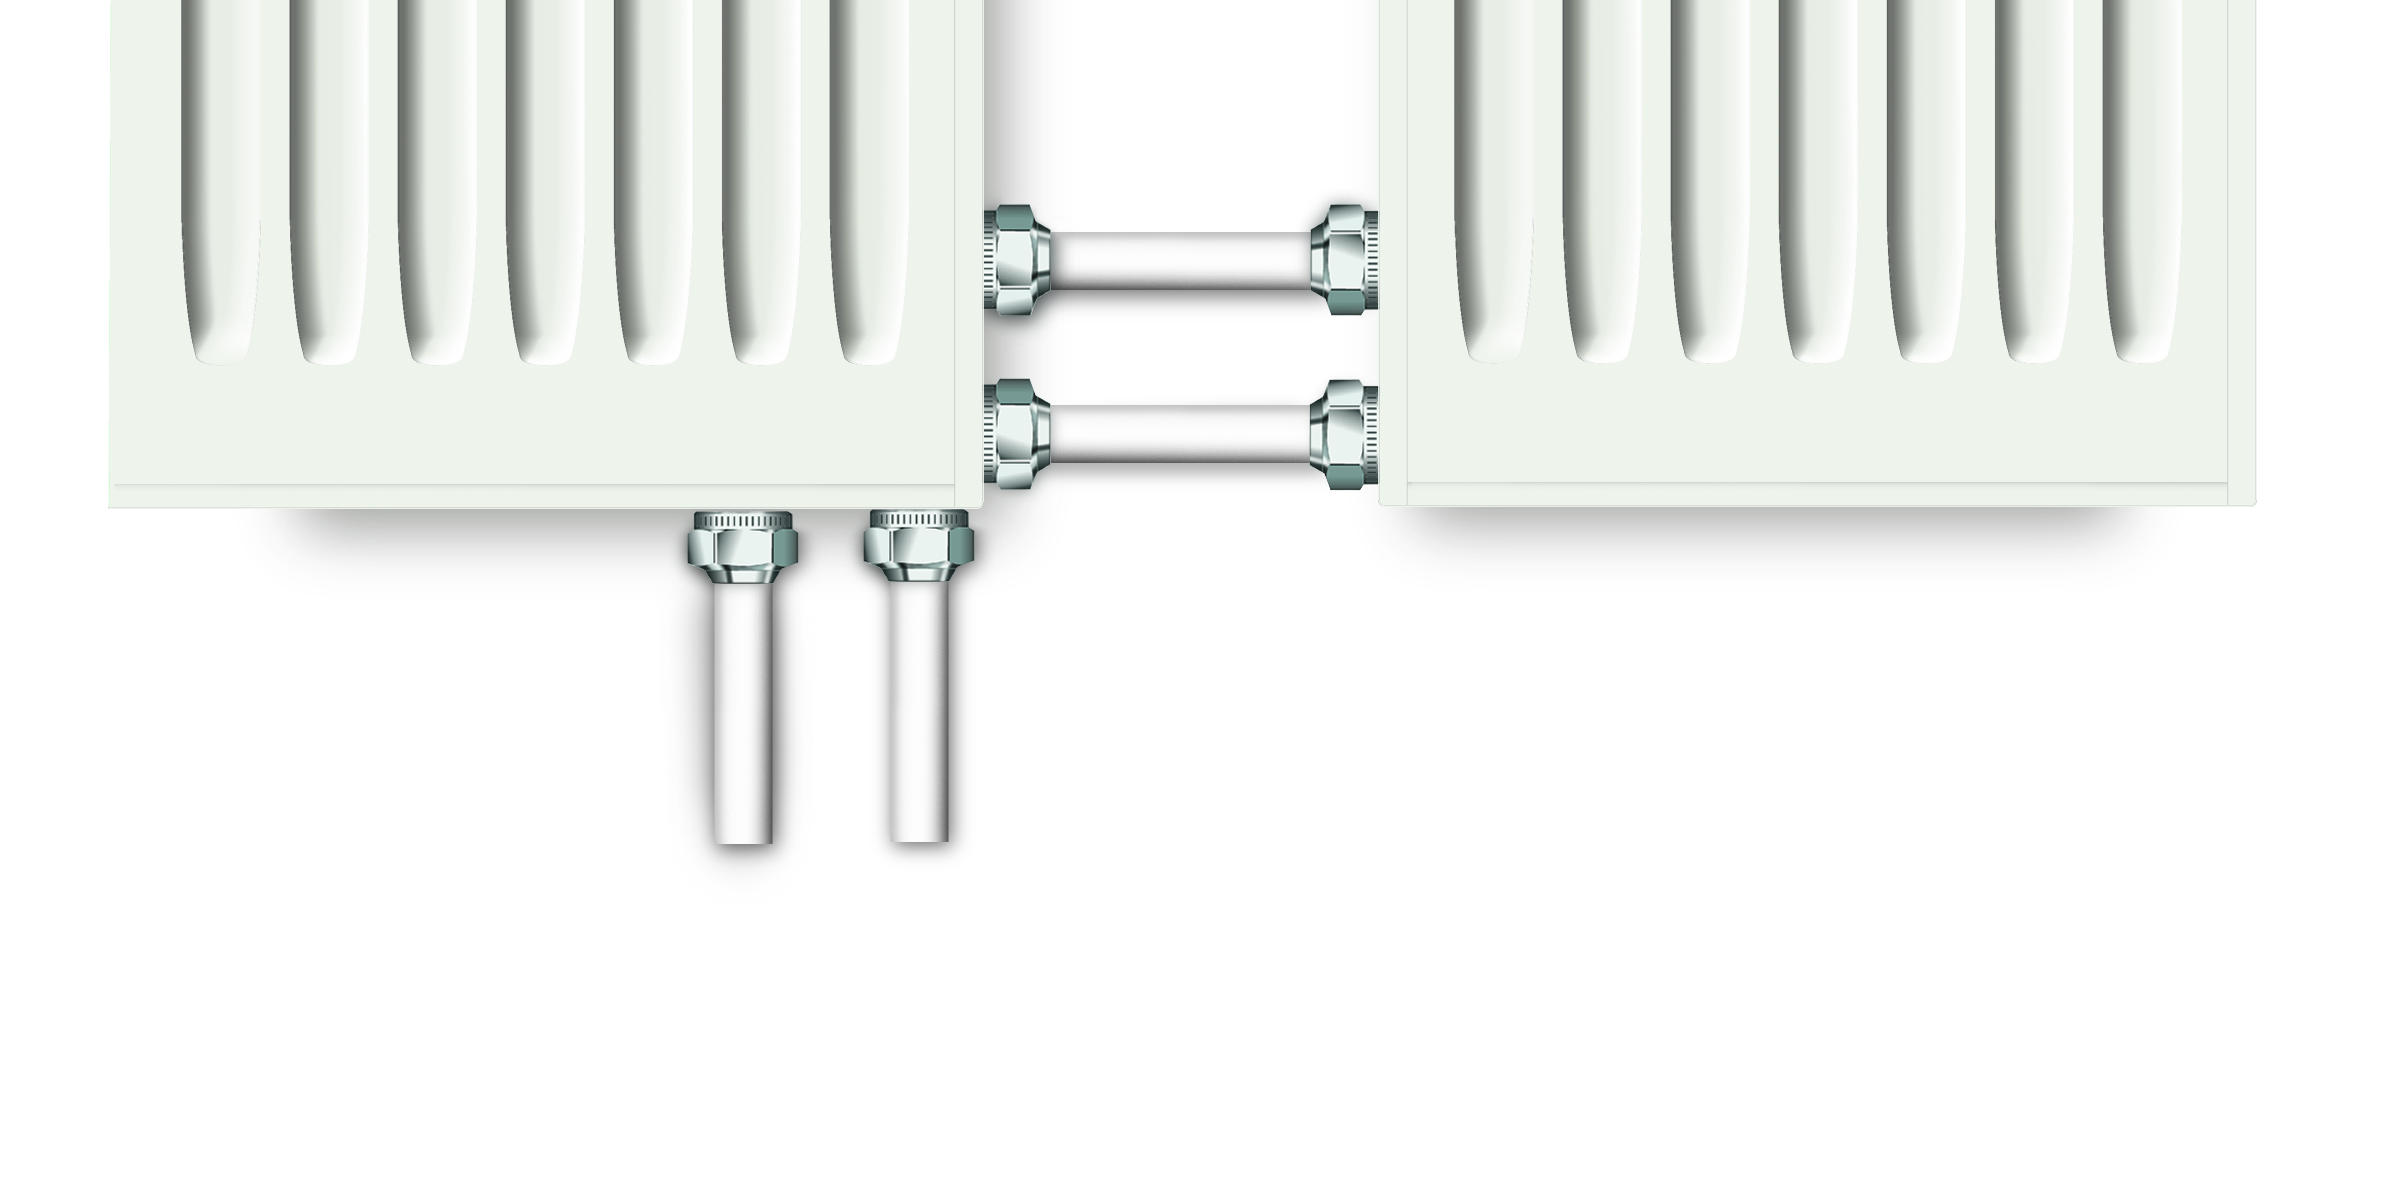 TP tvilling koppel installation.jpg